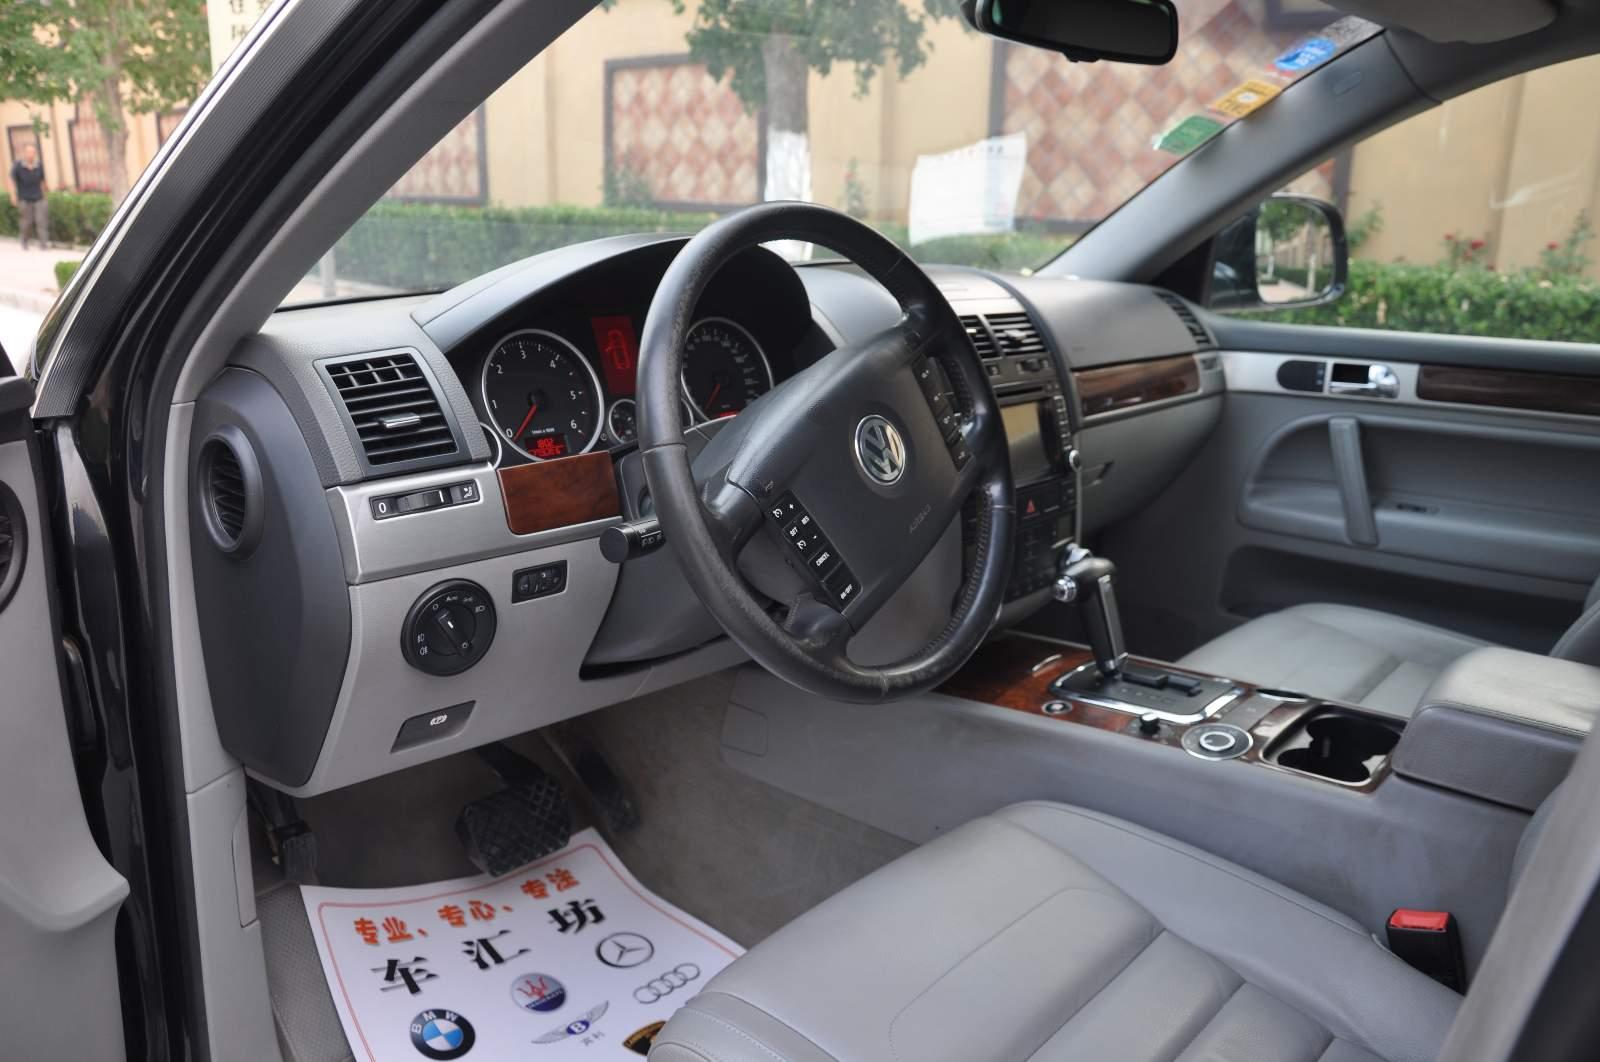 2009款 途锐 3.0t v6柴油豪华型图片